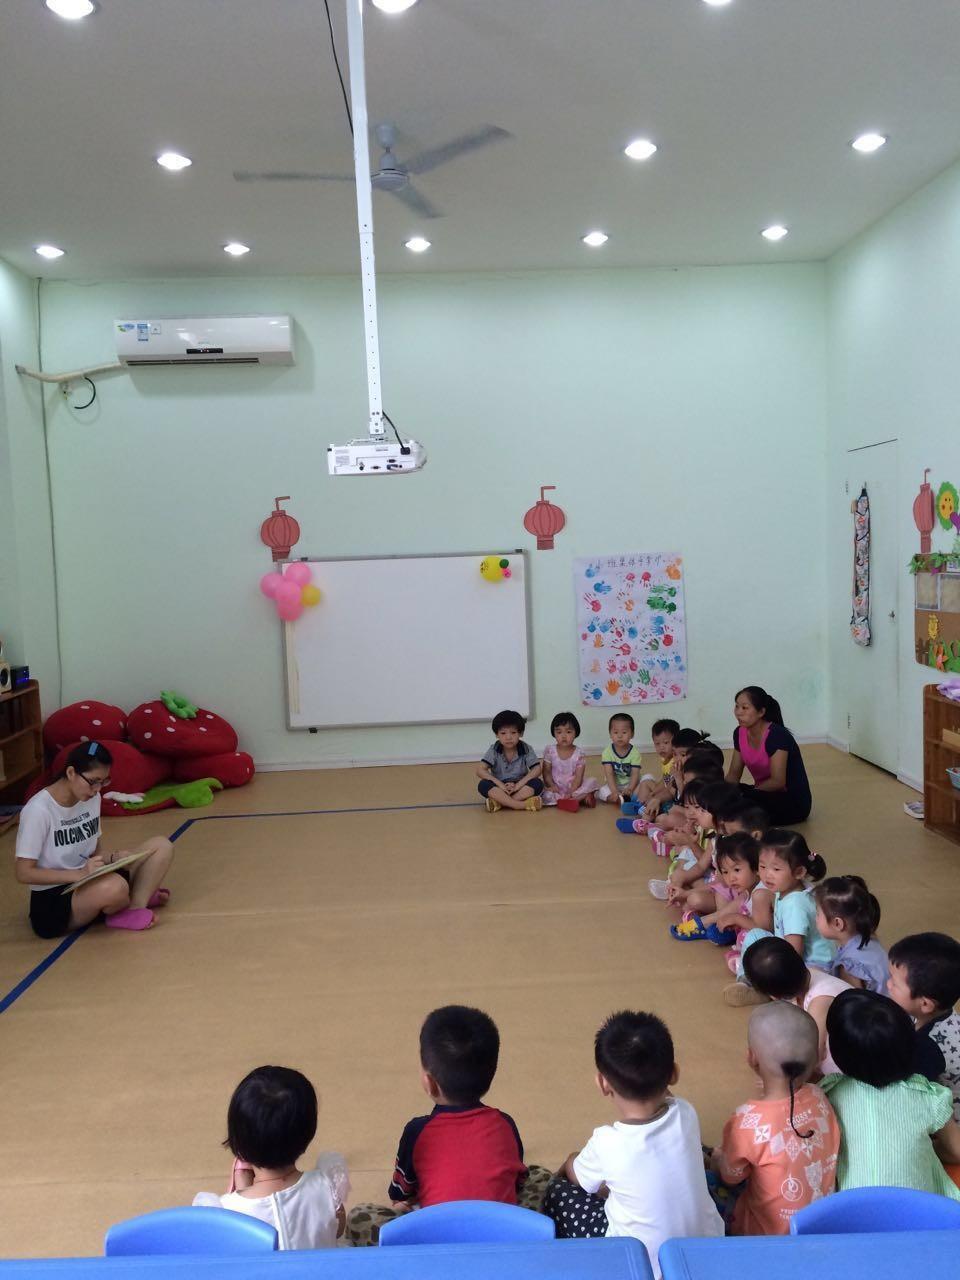 爱尔贝早教凤凰城中心0725_5797775067369807429.jpg